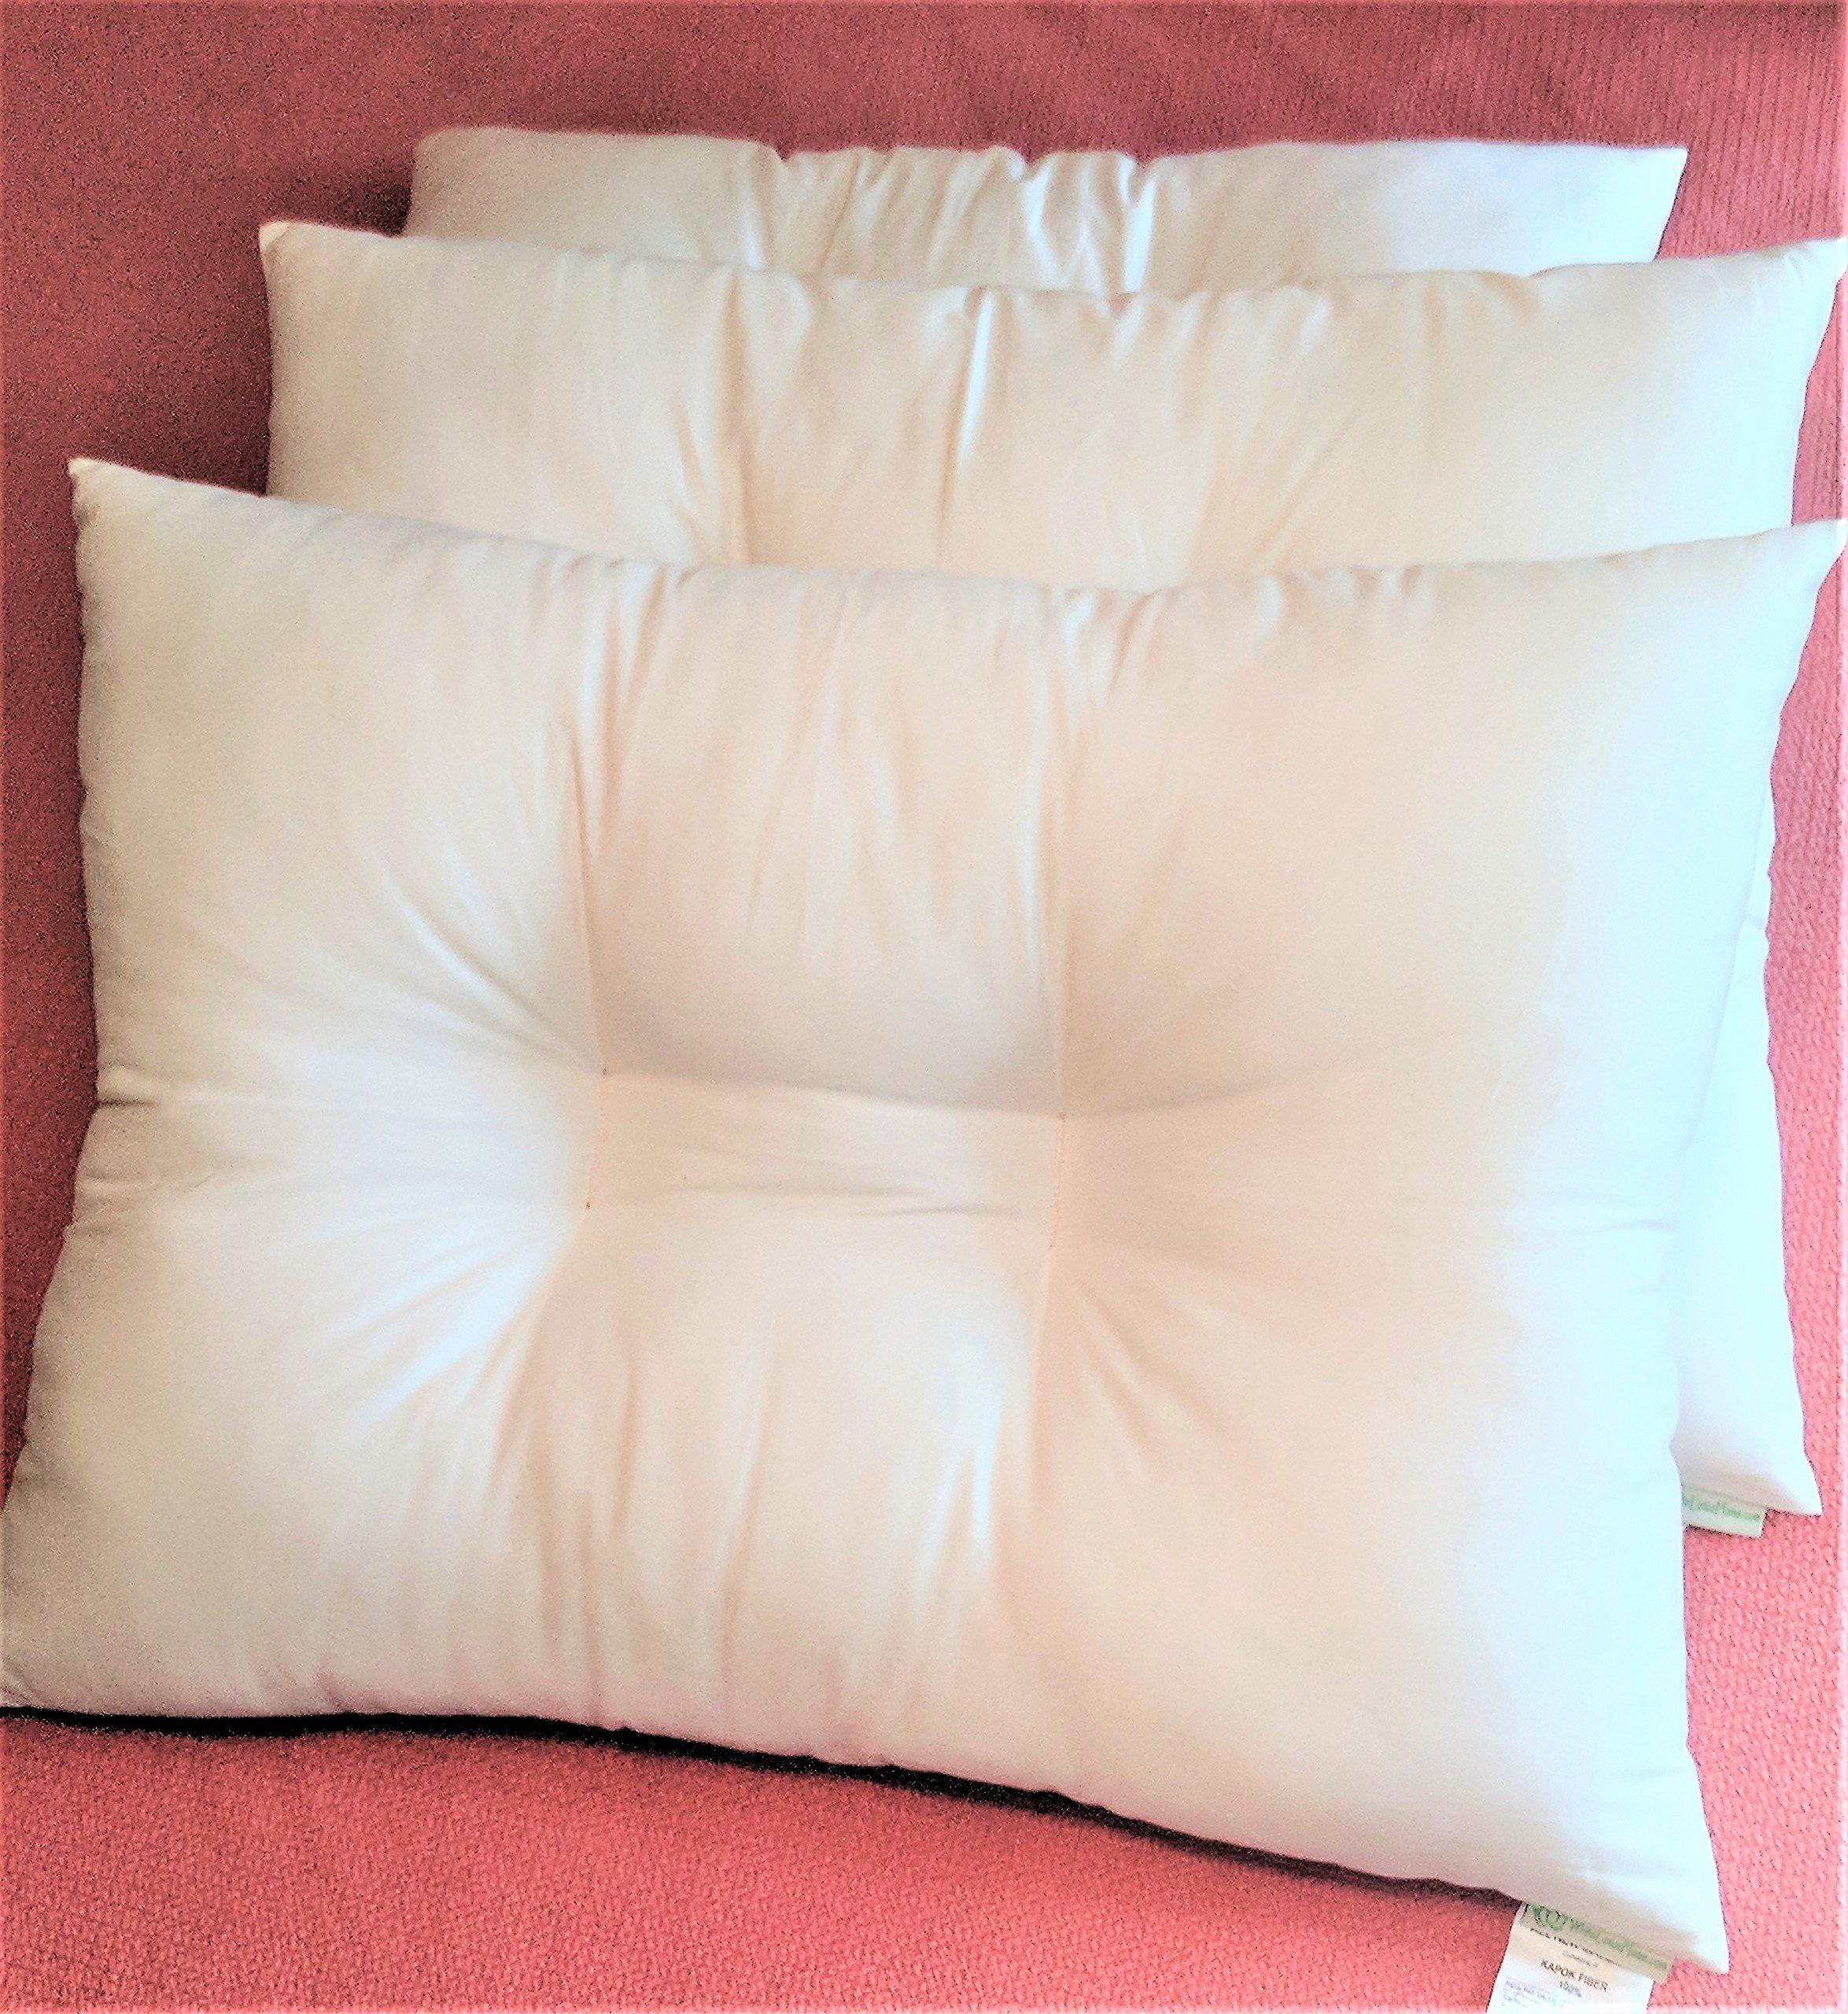 White Lotus Home KaPillow-Kapok Contour Sleeping Pillow, Queen/Medium